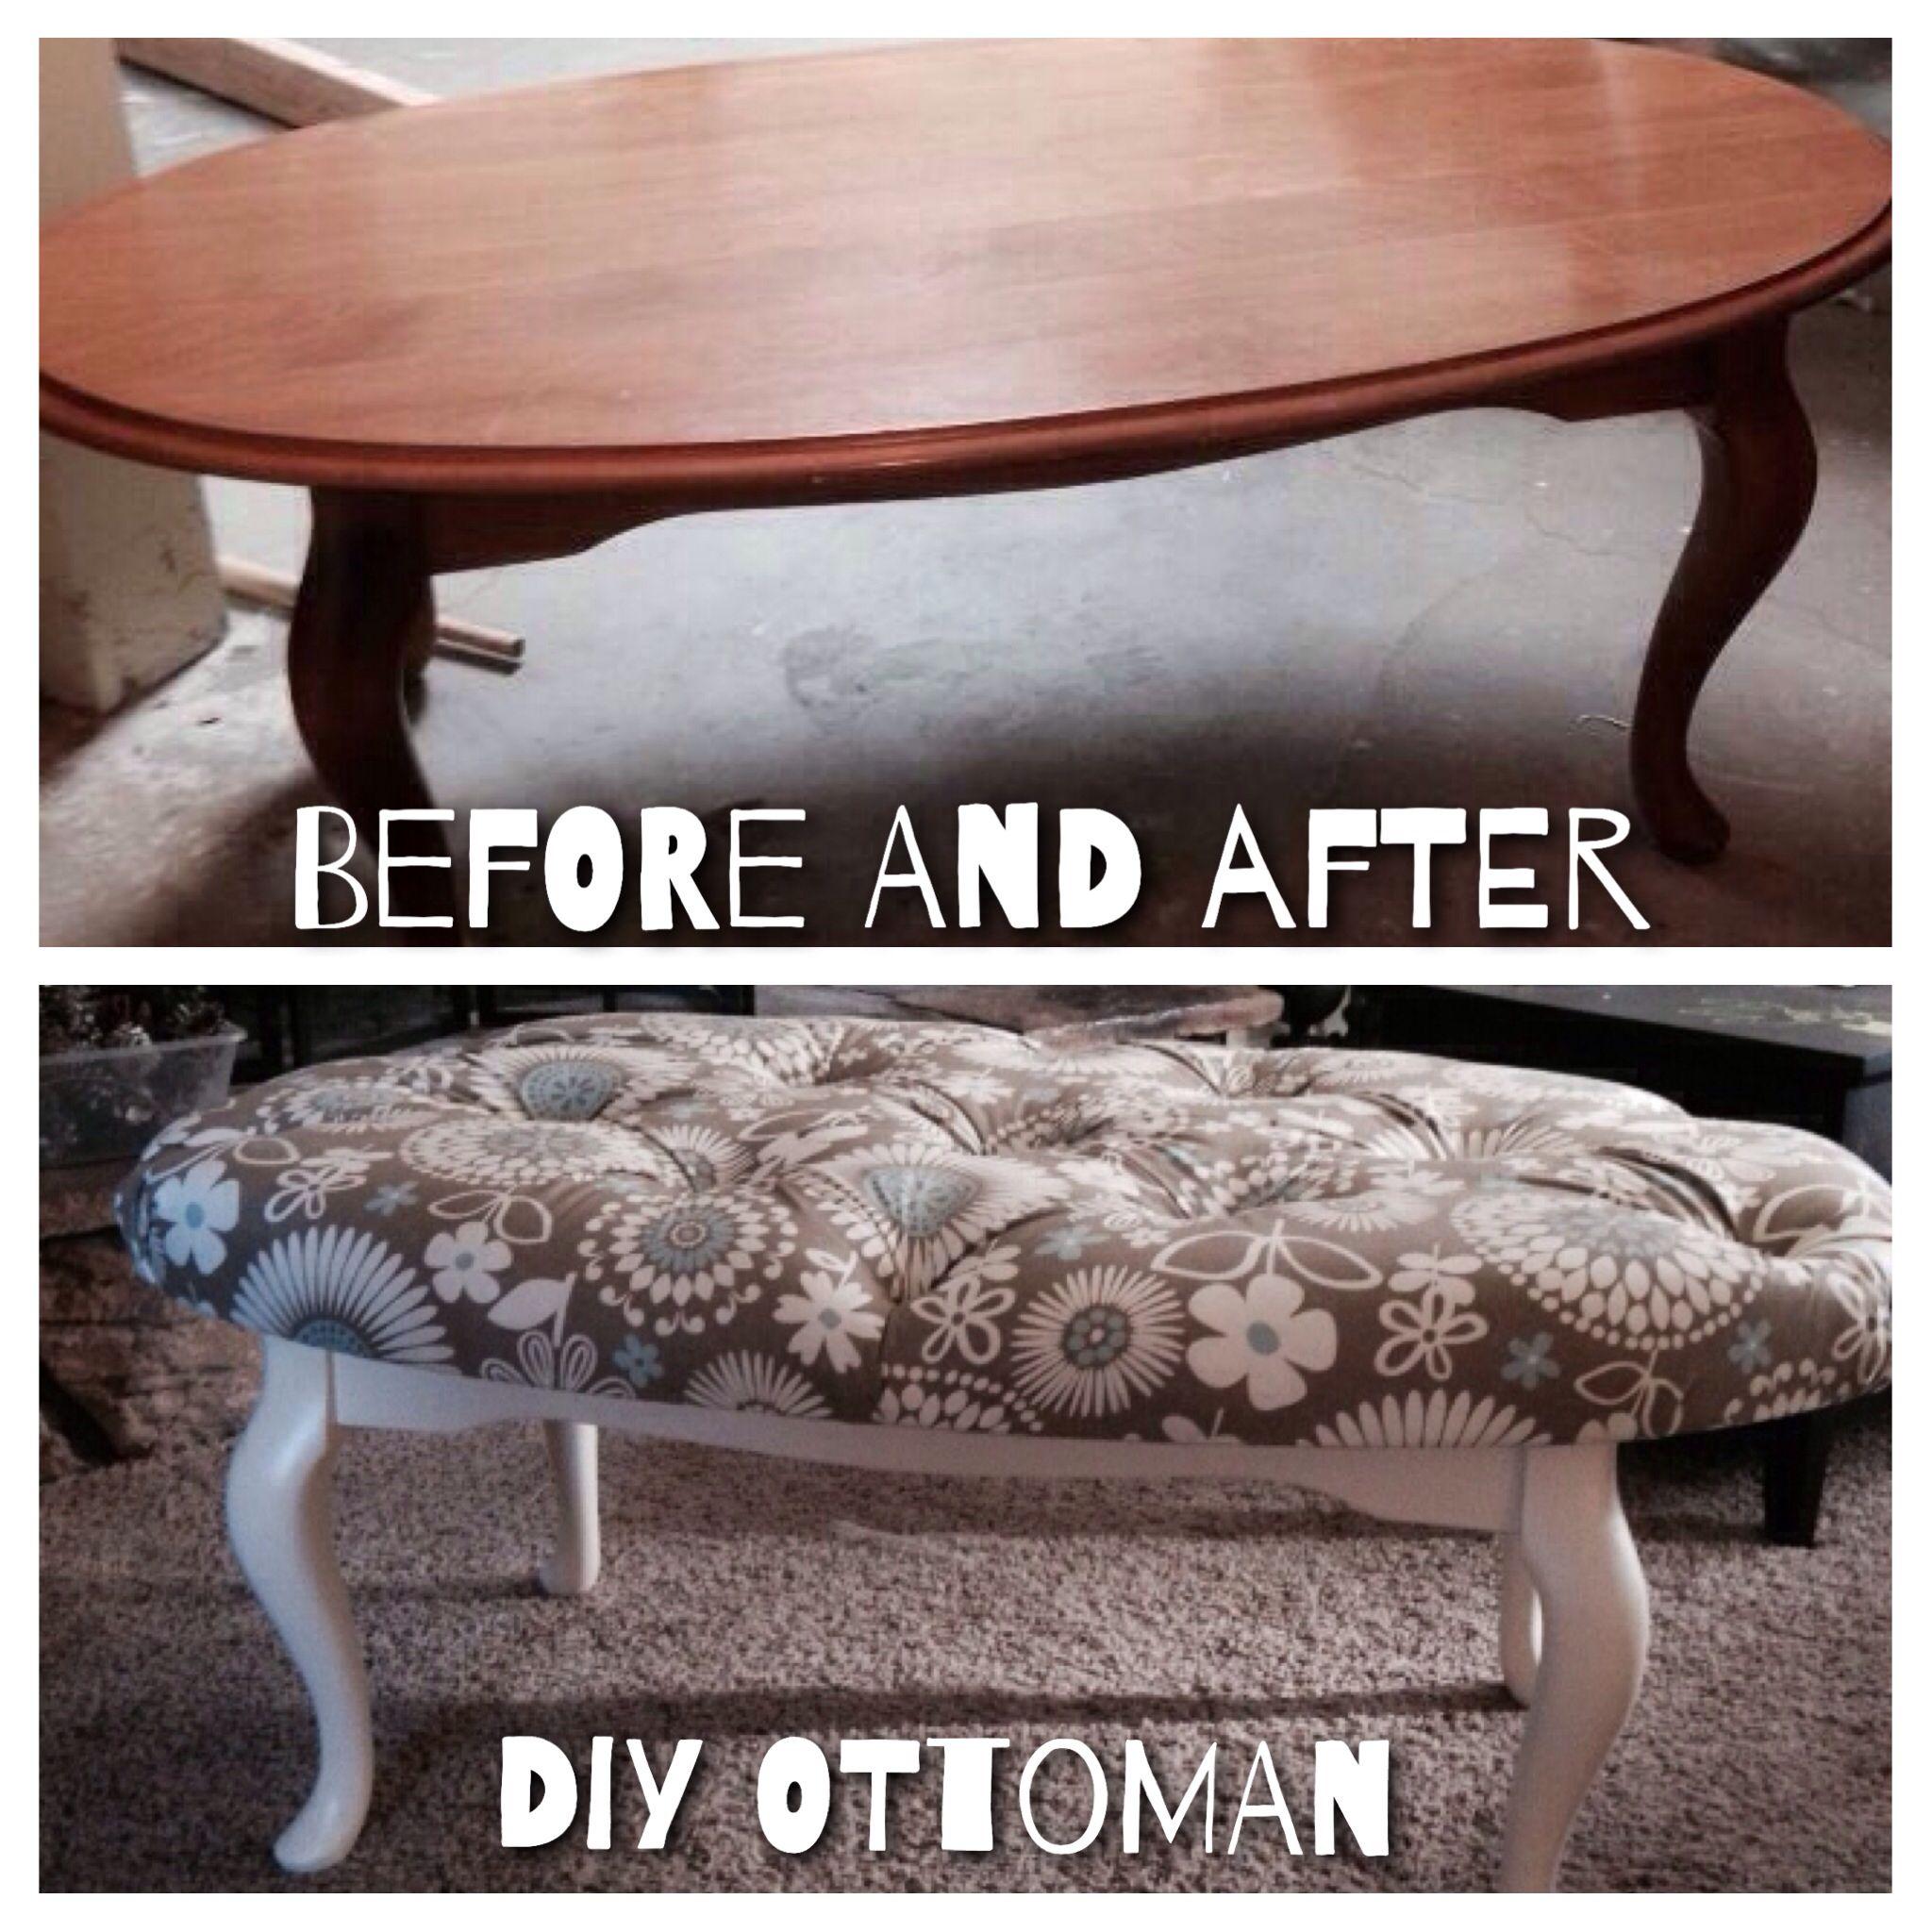 Pin By Lori Hatfield On Stuff I Made Lori Hatfield Designs Old Coffee Tables Diy Ottoman Coffee Table Coffee Table [ 2048 x 2048 Pixel ]